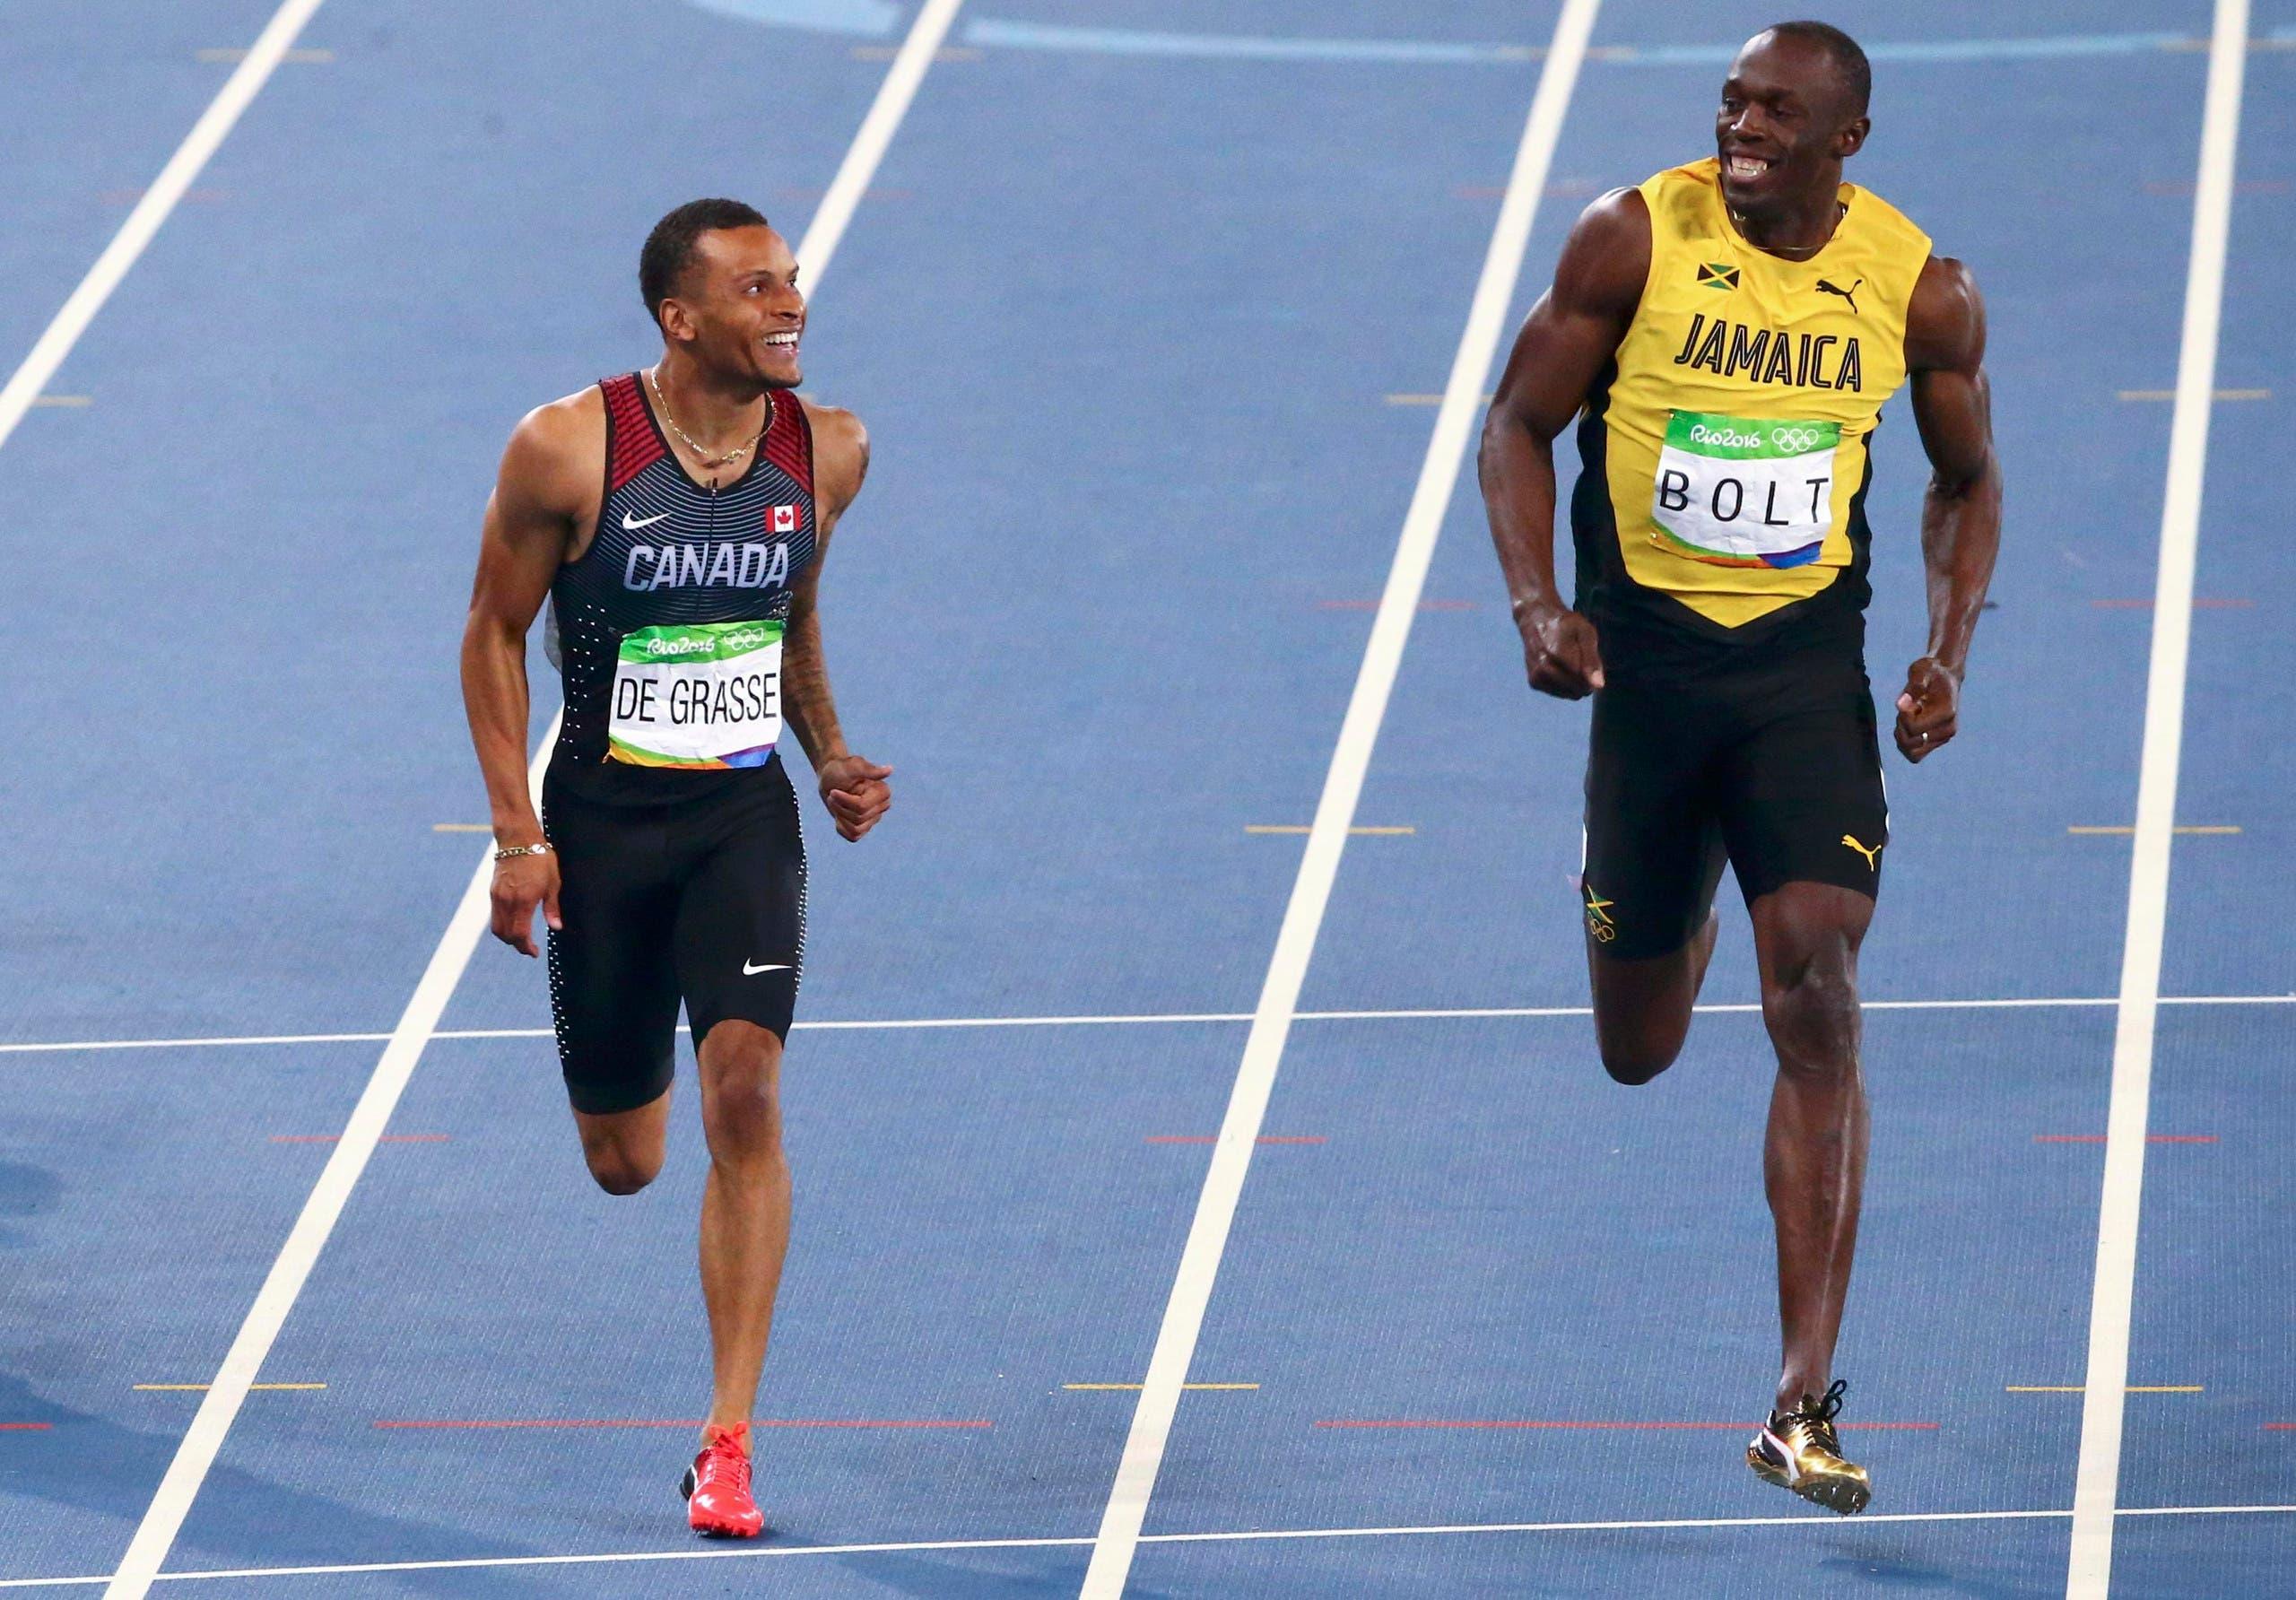 بولت ودو غراس خلال السباق